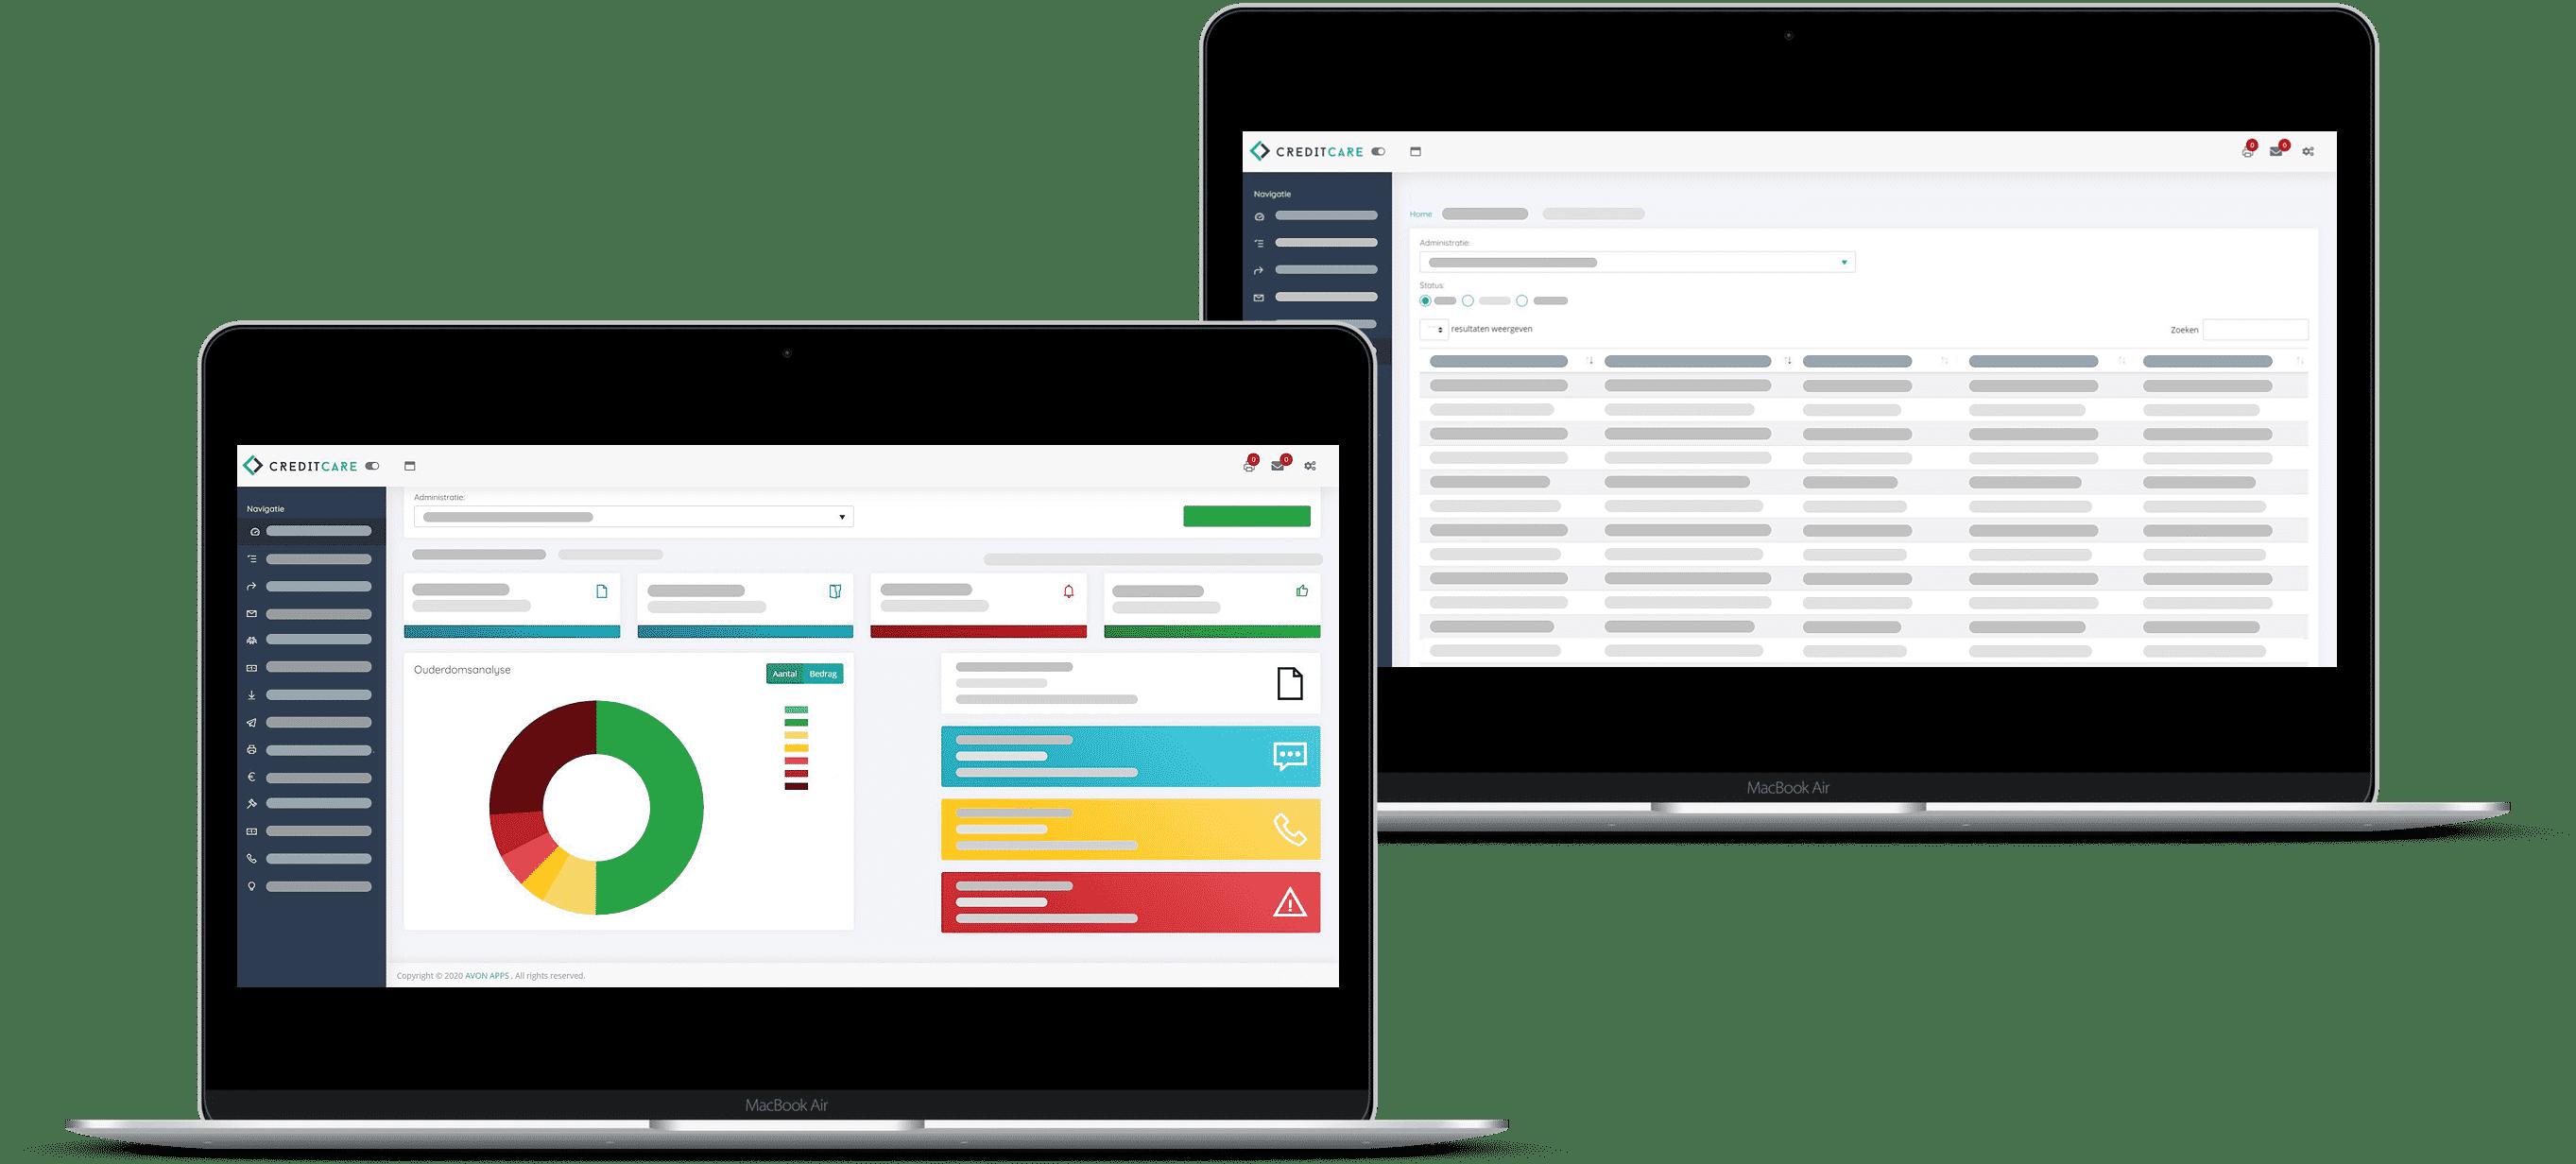 Debiteurenbeheer software van Credit Care | Online portaal opdrachtgever